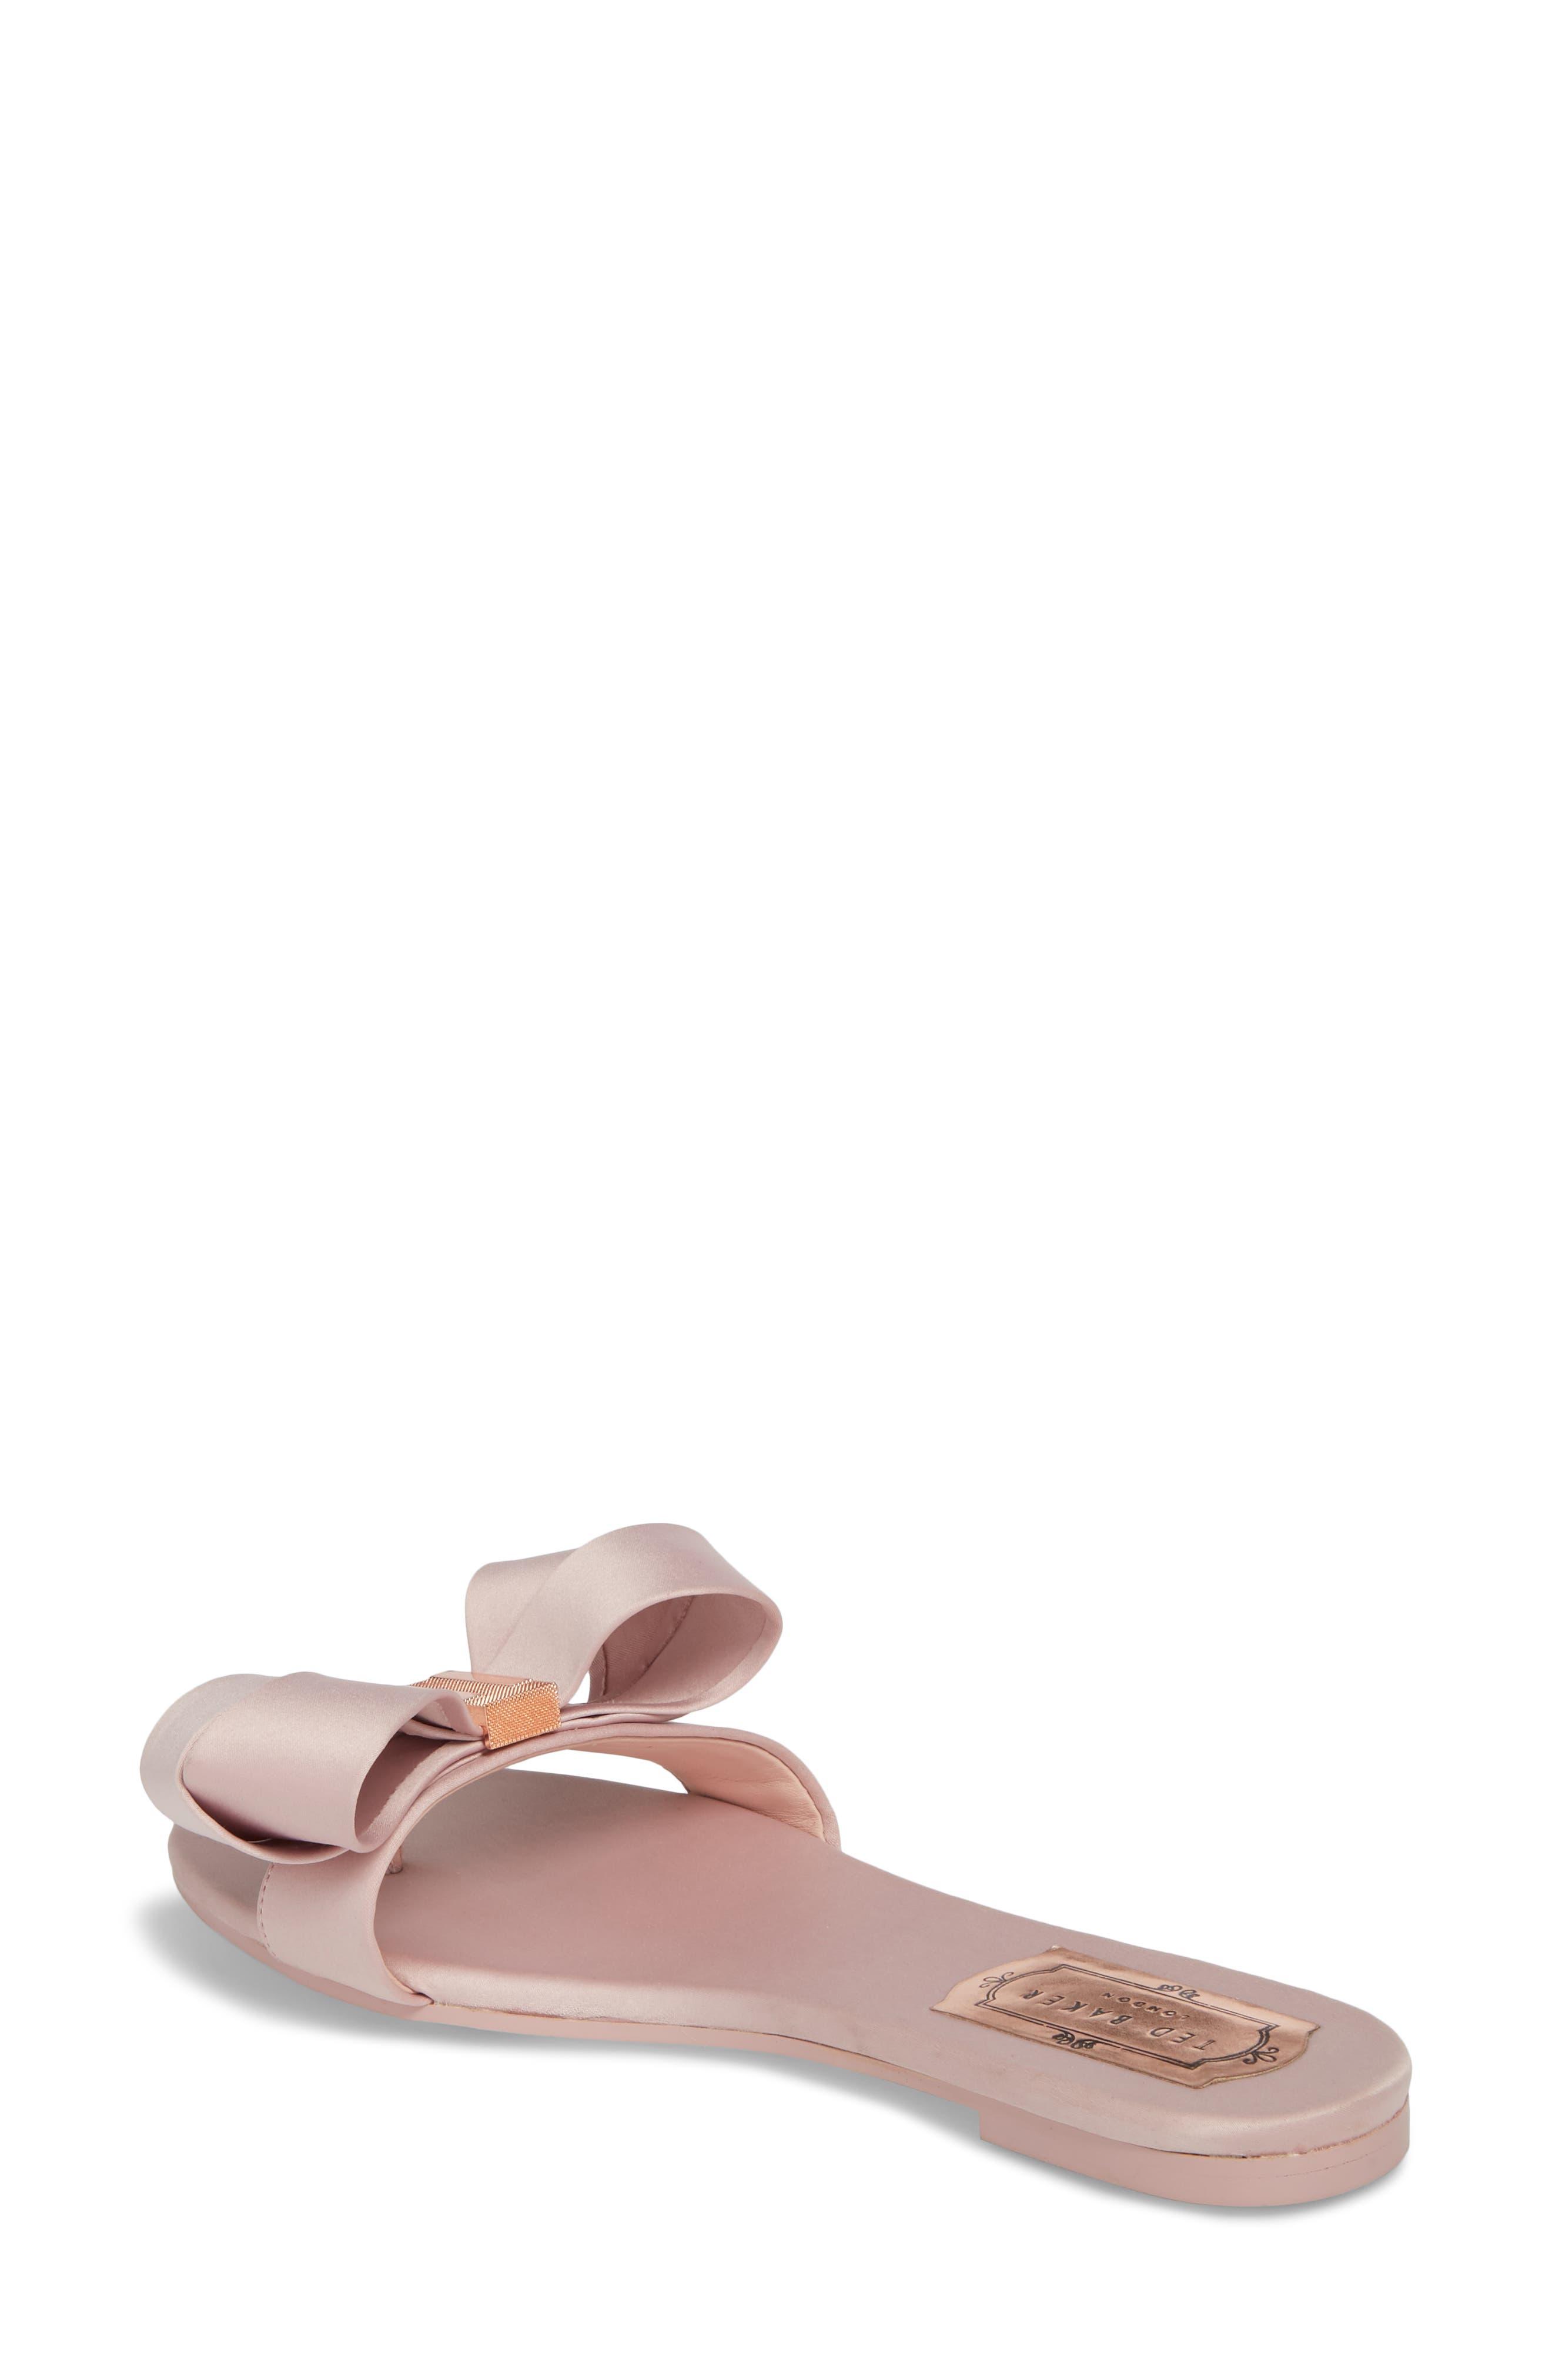 Slide Sandal,                             Alternate thumbnail 2, color,                             Light Pink Satin